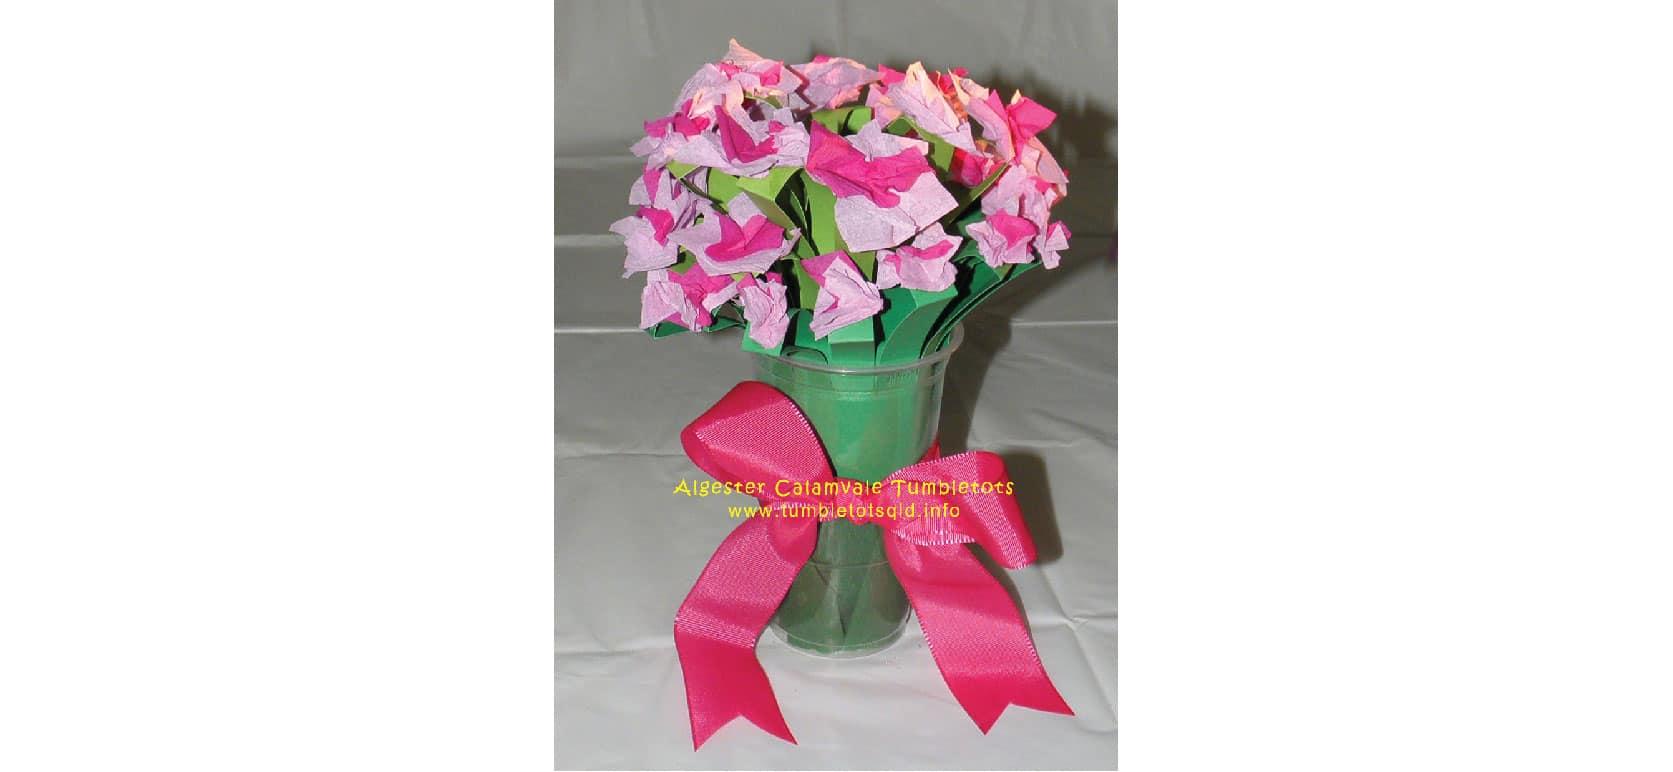 Easy flower bouquet craft brisbane kids easy flower bouquet craft paper flowers jeuxipadfo Gallery